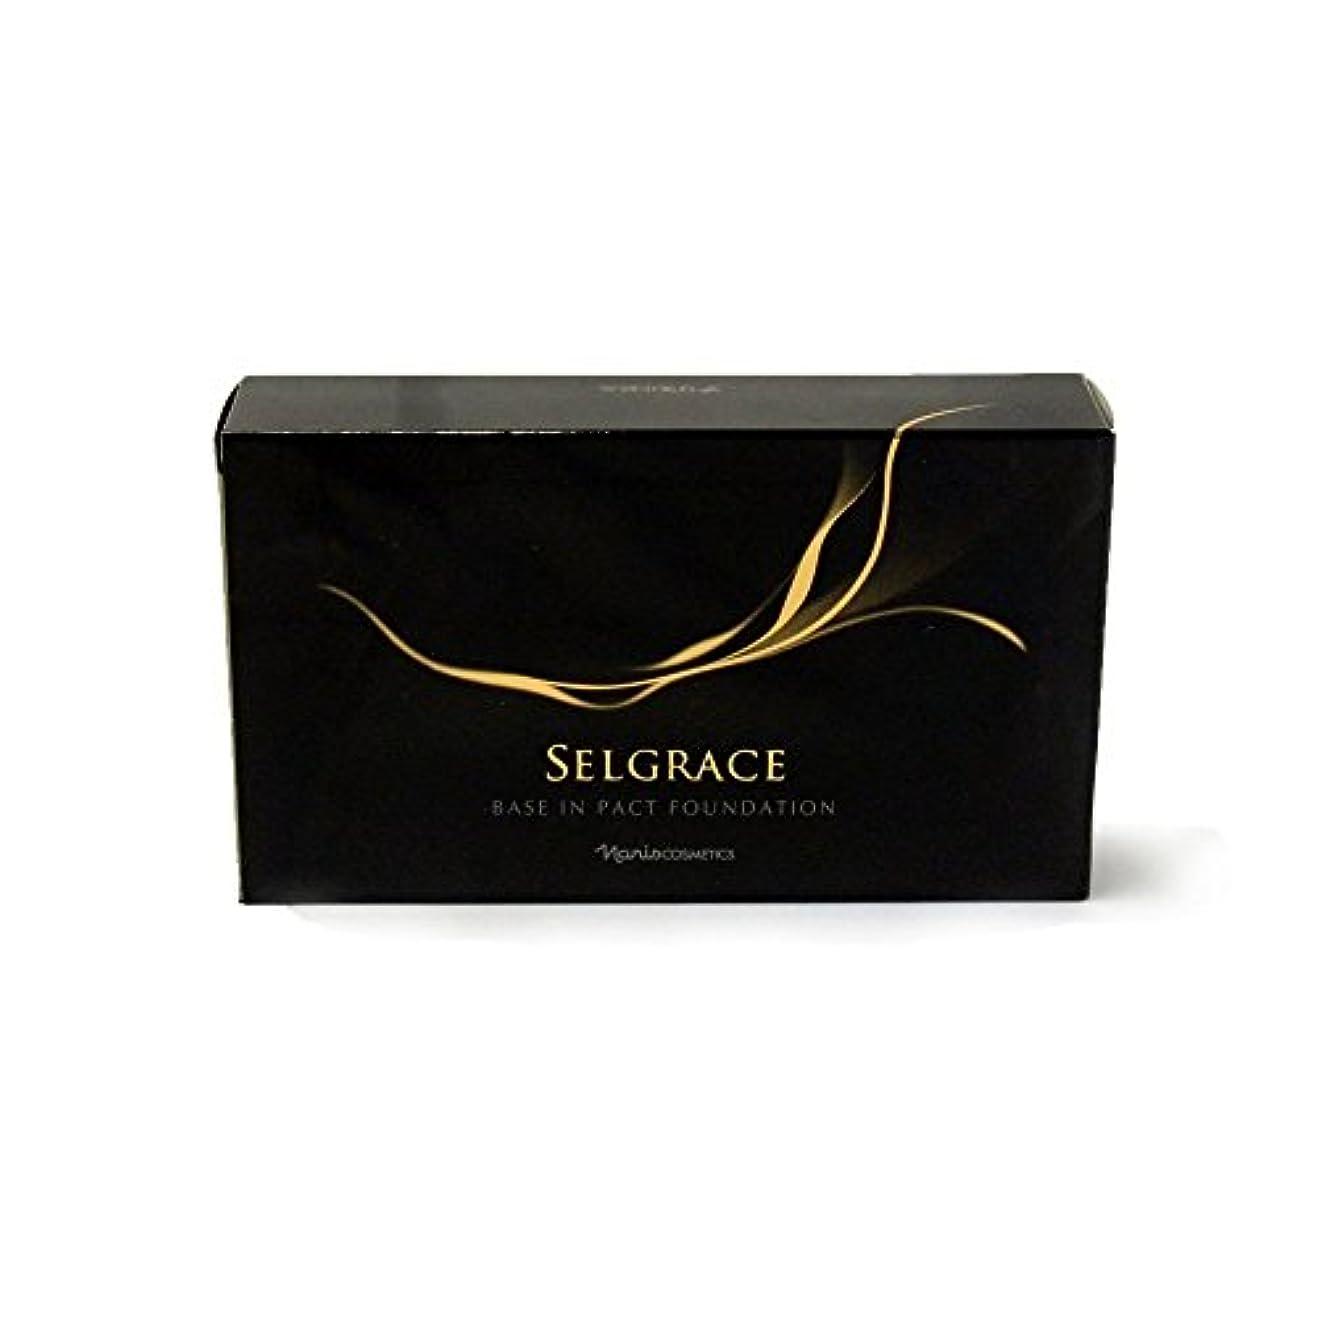 陰気気まぐれなカートナリス化粧品 セルグレース ベースインパクト ファンデーション 570 ダークベージュ レフィル (スポンジ付き)